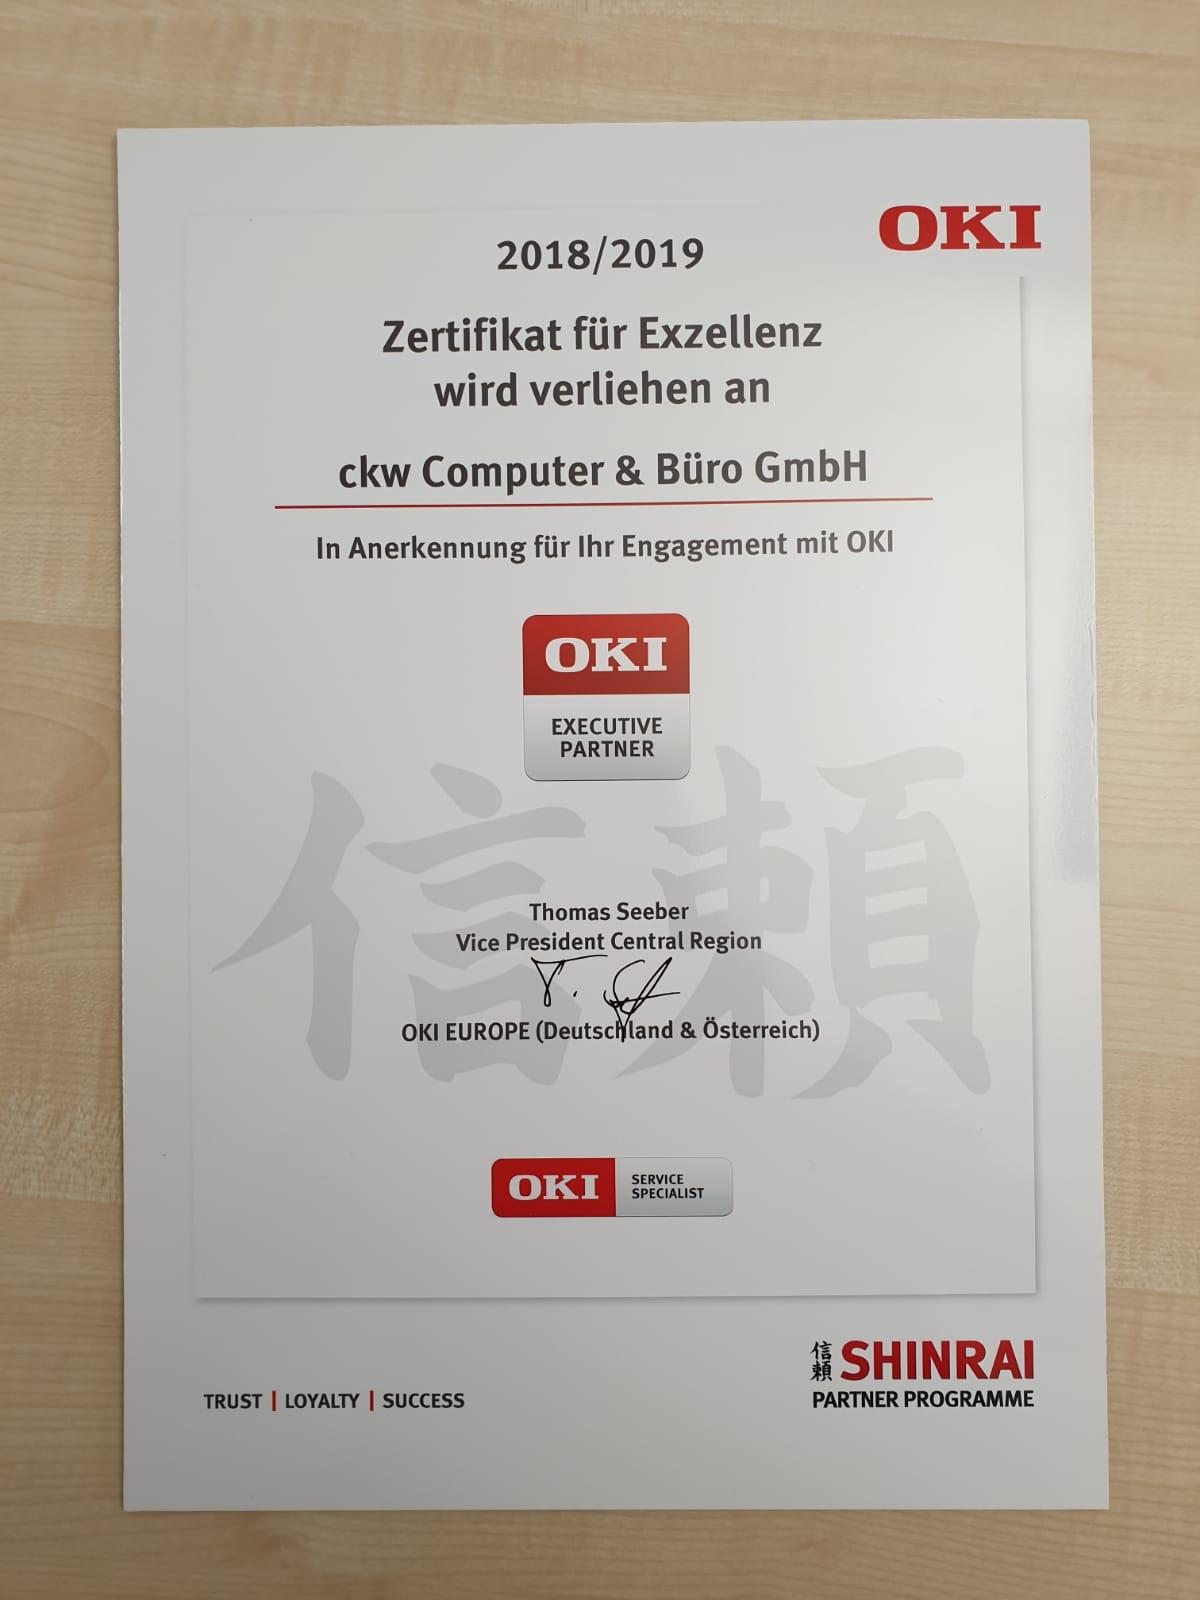 Urkunde OKI Zertifikat für Exzellenz Executive Partner ckw Computer & Büro GmbH Traunstein